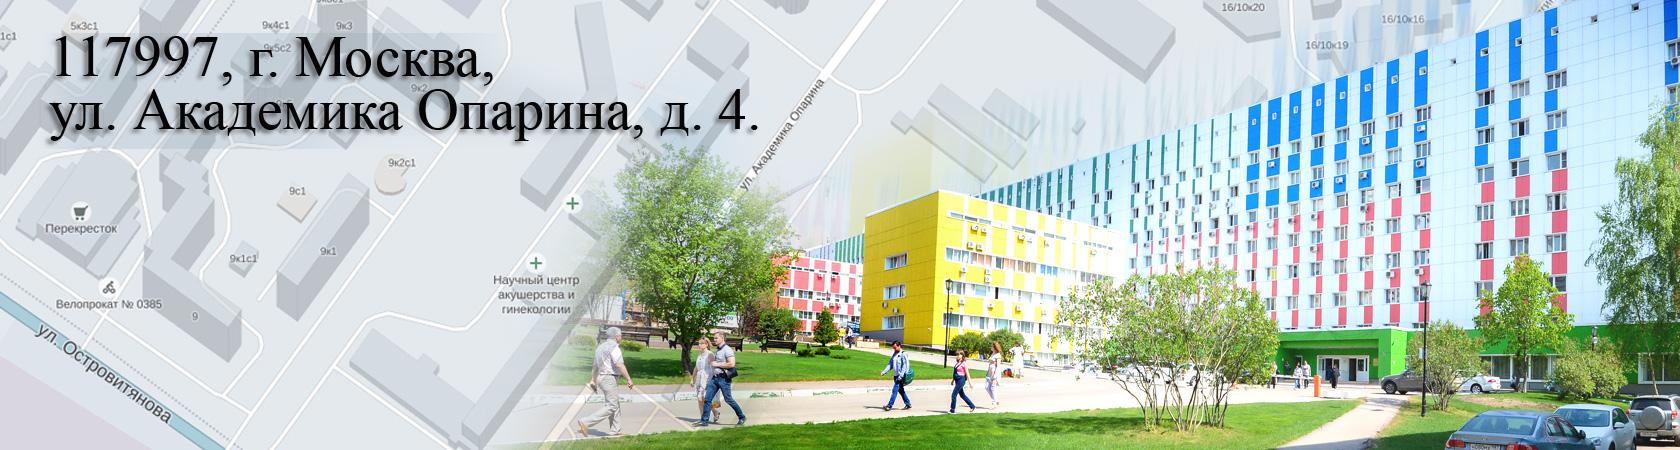 Центр акушерства гинекологии и перинатологии москва